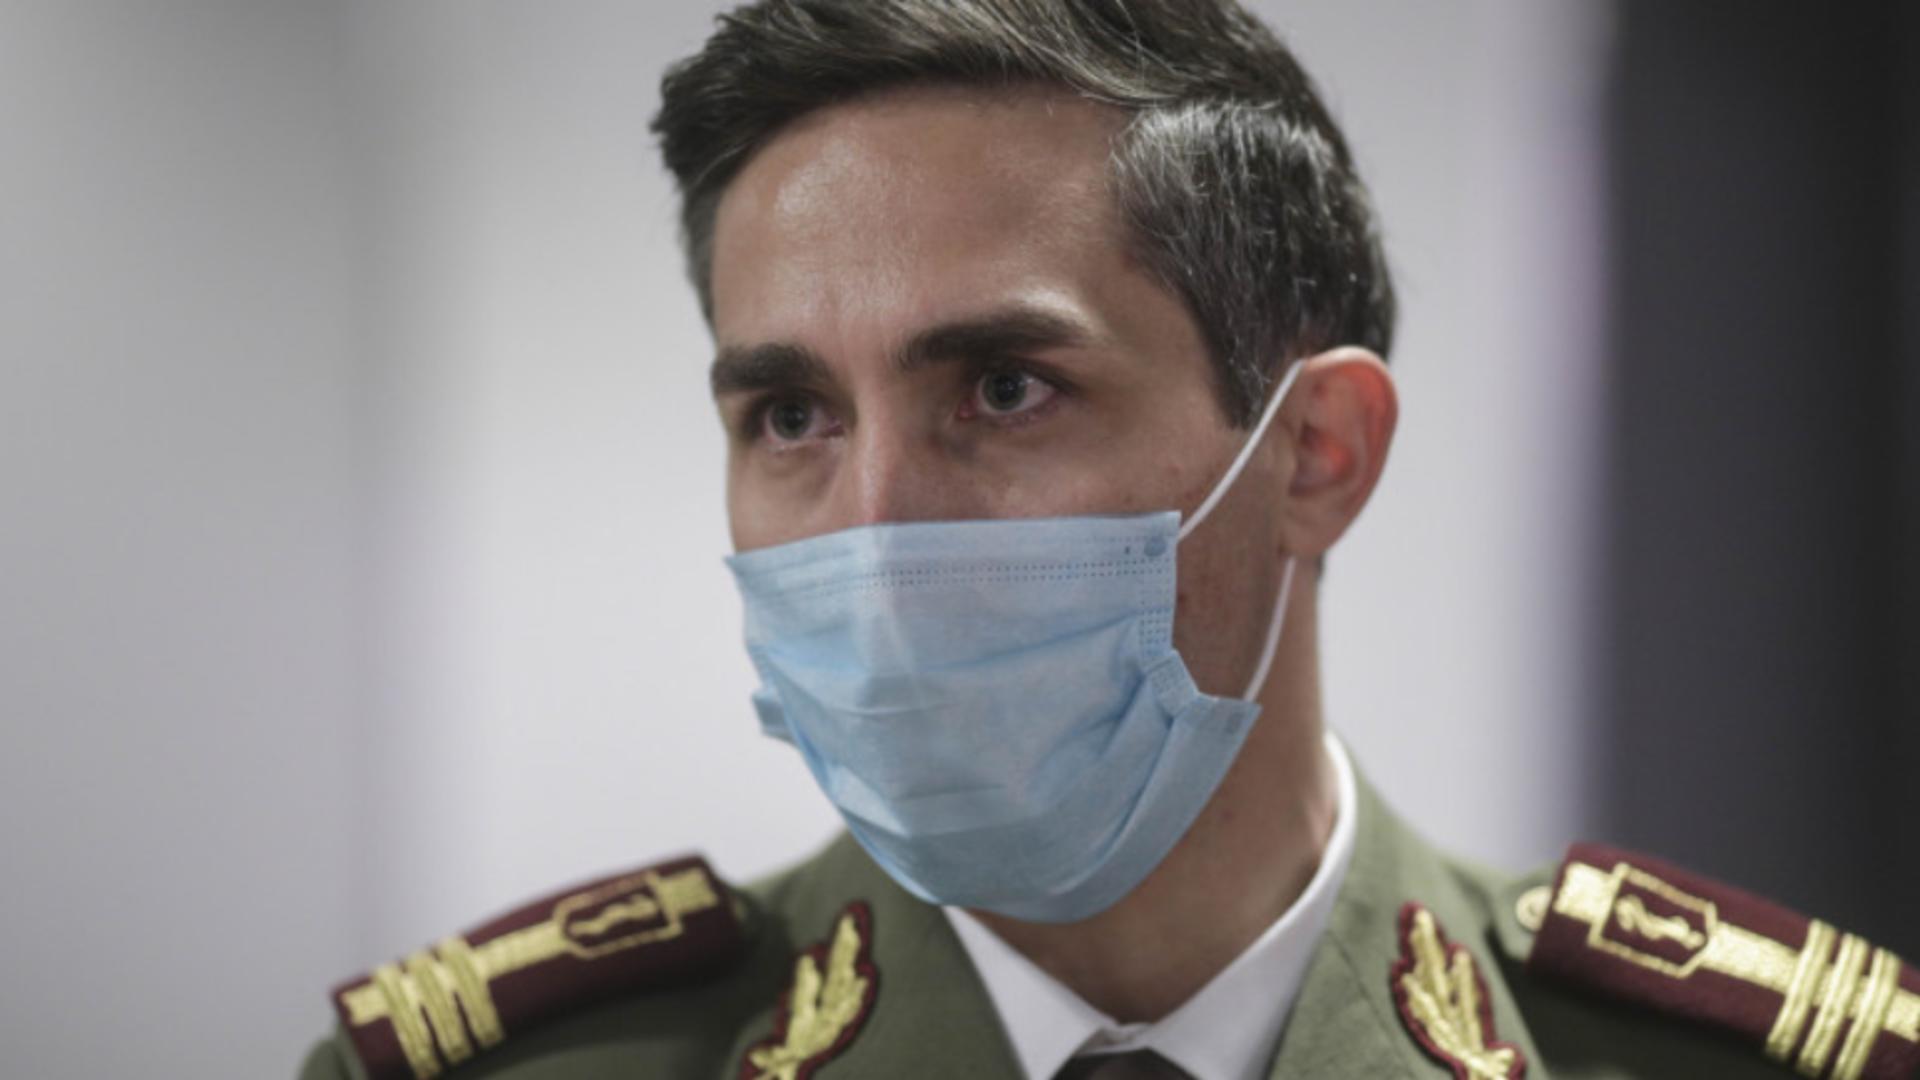 Valeriu Gheorghiţă: COVID-19 va avea un caracter sezonier - Vaccinarea, crucială, pentru a evita decesele celor vulnerabili Foto: INQUAM